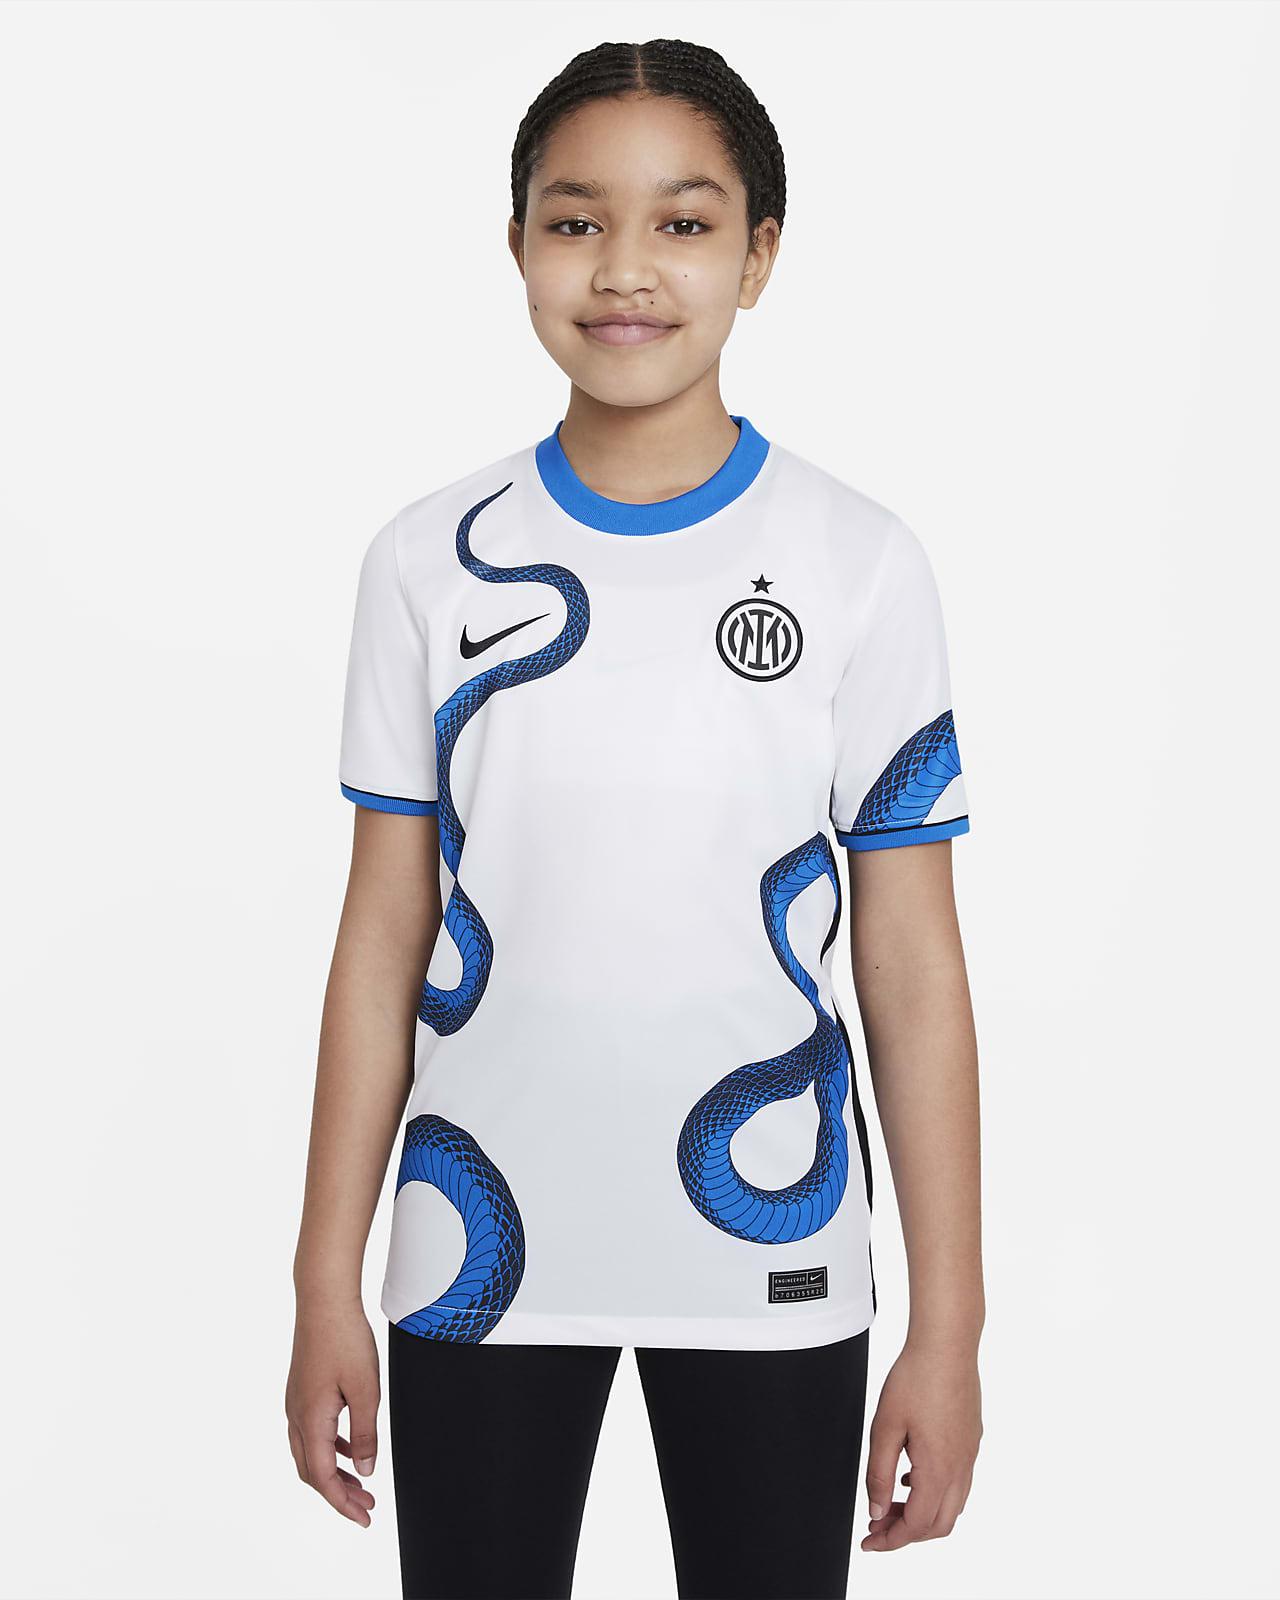 Segunda equipación Stadium Inter de Milán 2021/22 Camiseta de fútbol Nike Dri-FIT - Niño/a